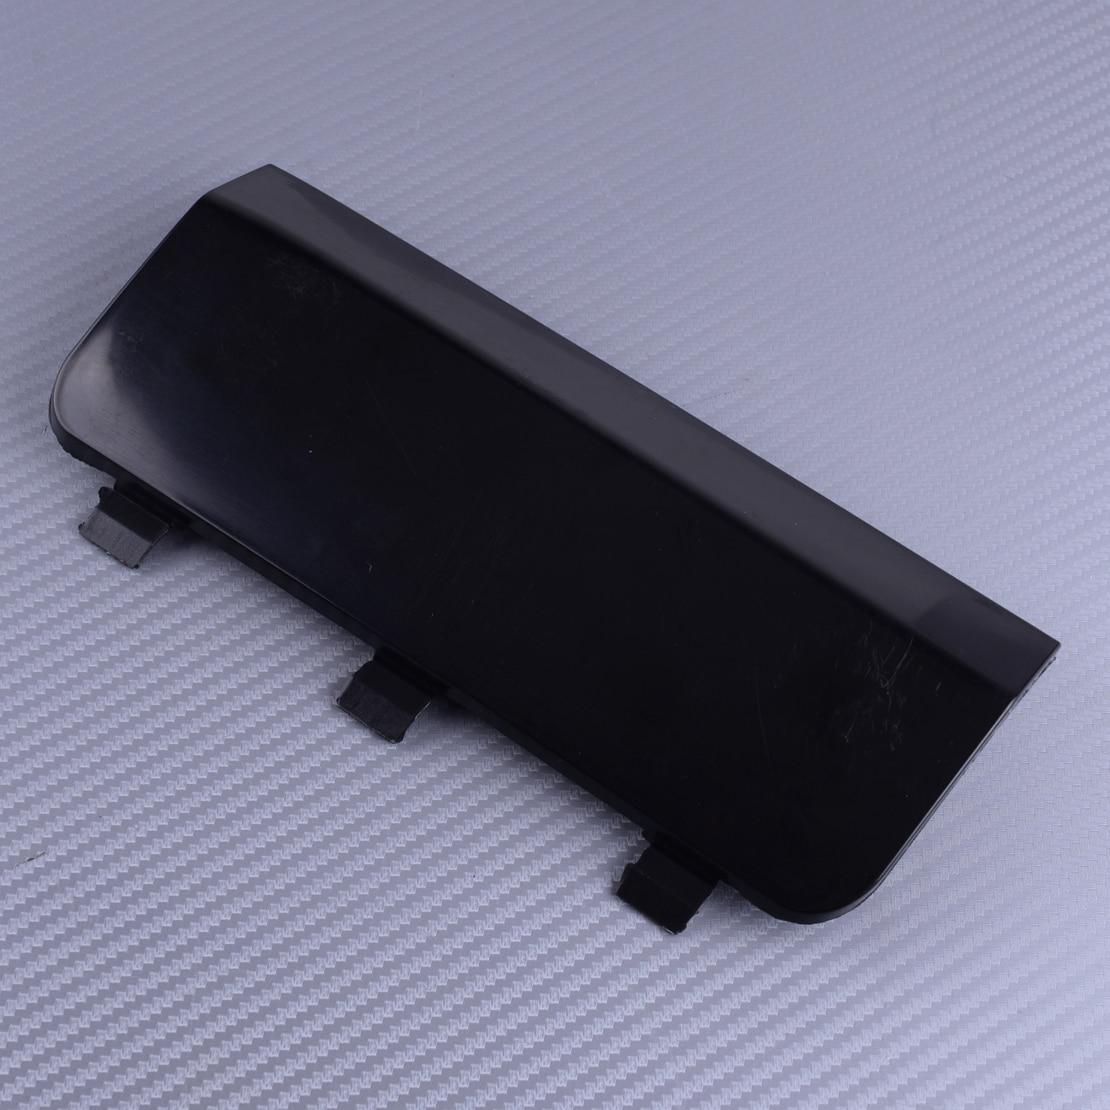 DWCX arka sol tampon Tow kanca kapatma başlığı siyah A1638801605 Mercedes için ML320 ML350 ML430 ML500 1998-2002 2003 2004 2005